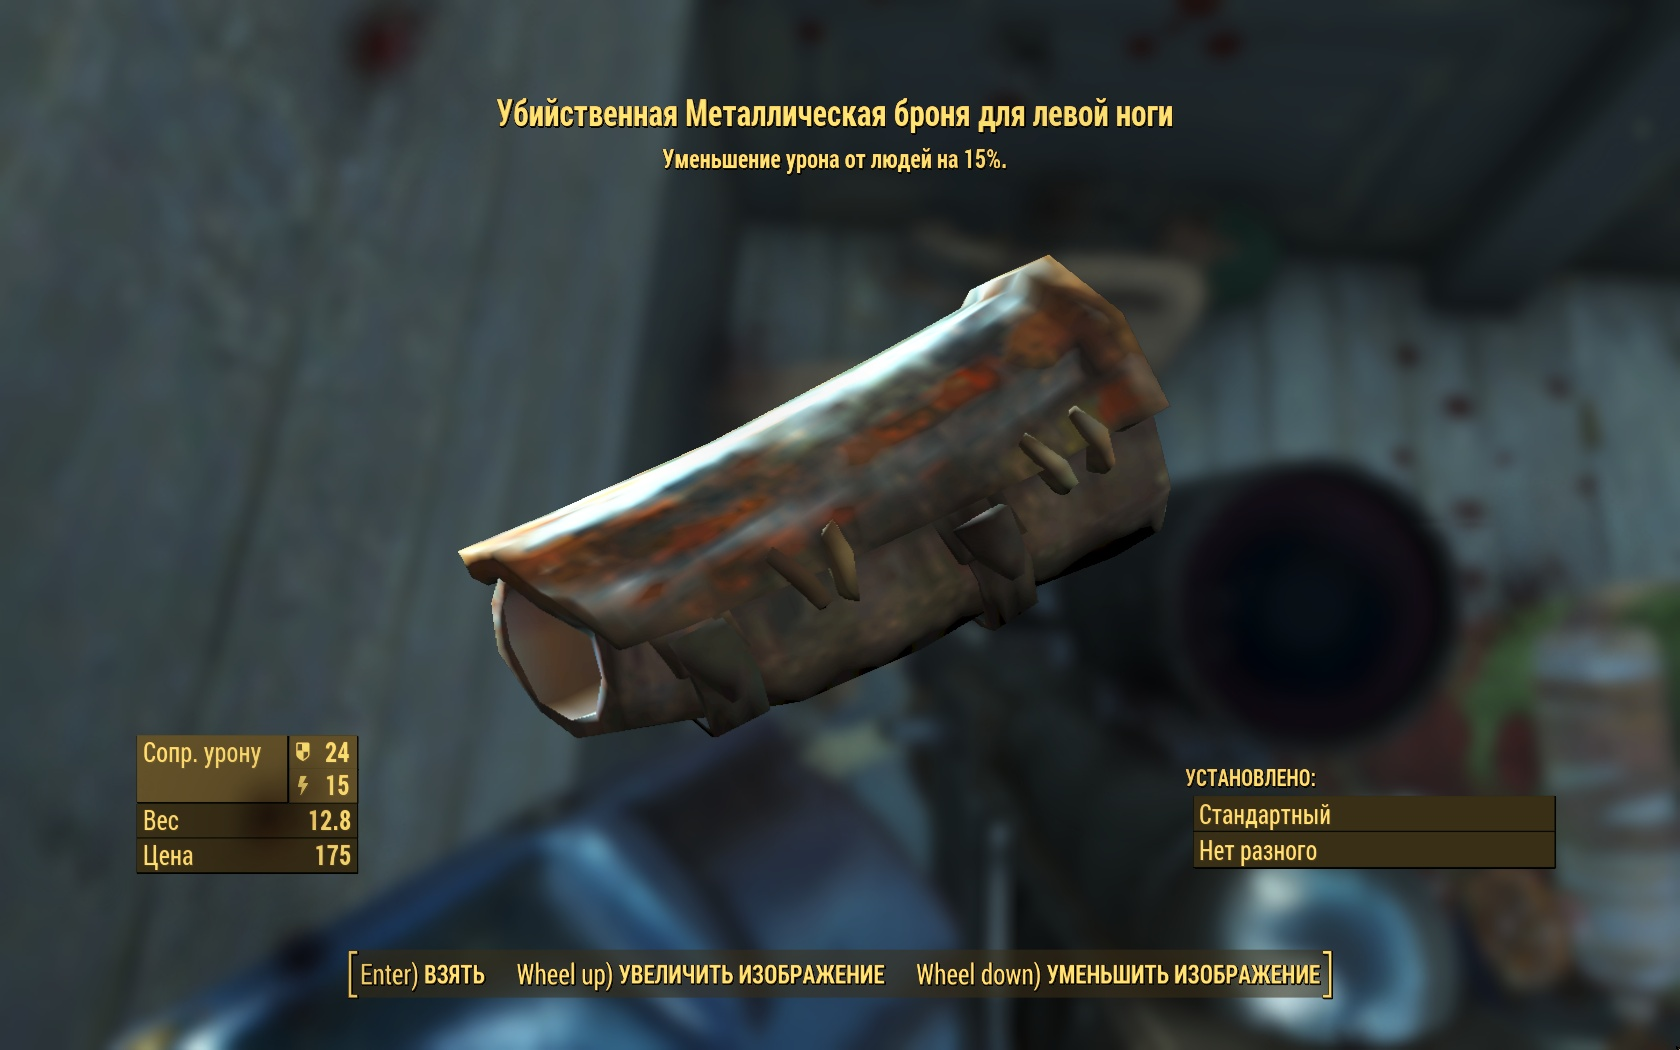 Убийственная металлическая броня для левой ноги - Fallout 4 броня, металлическая, Одежда, Убийственная